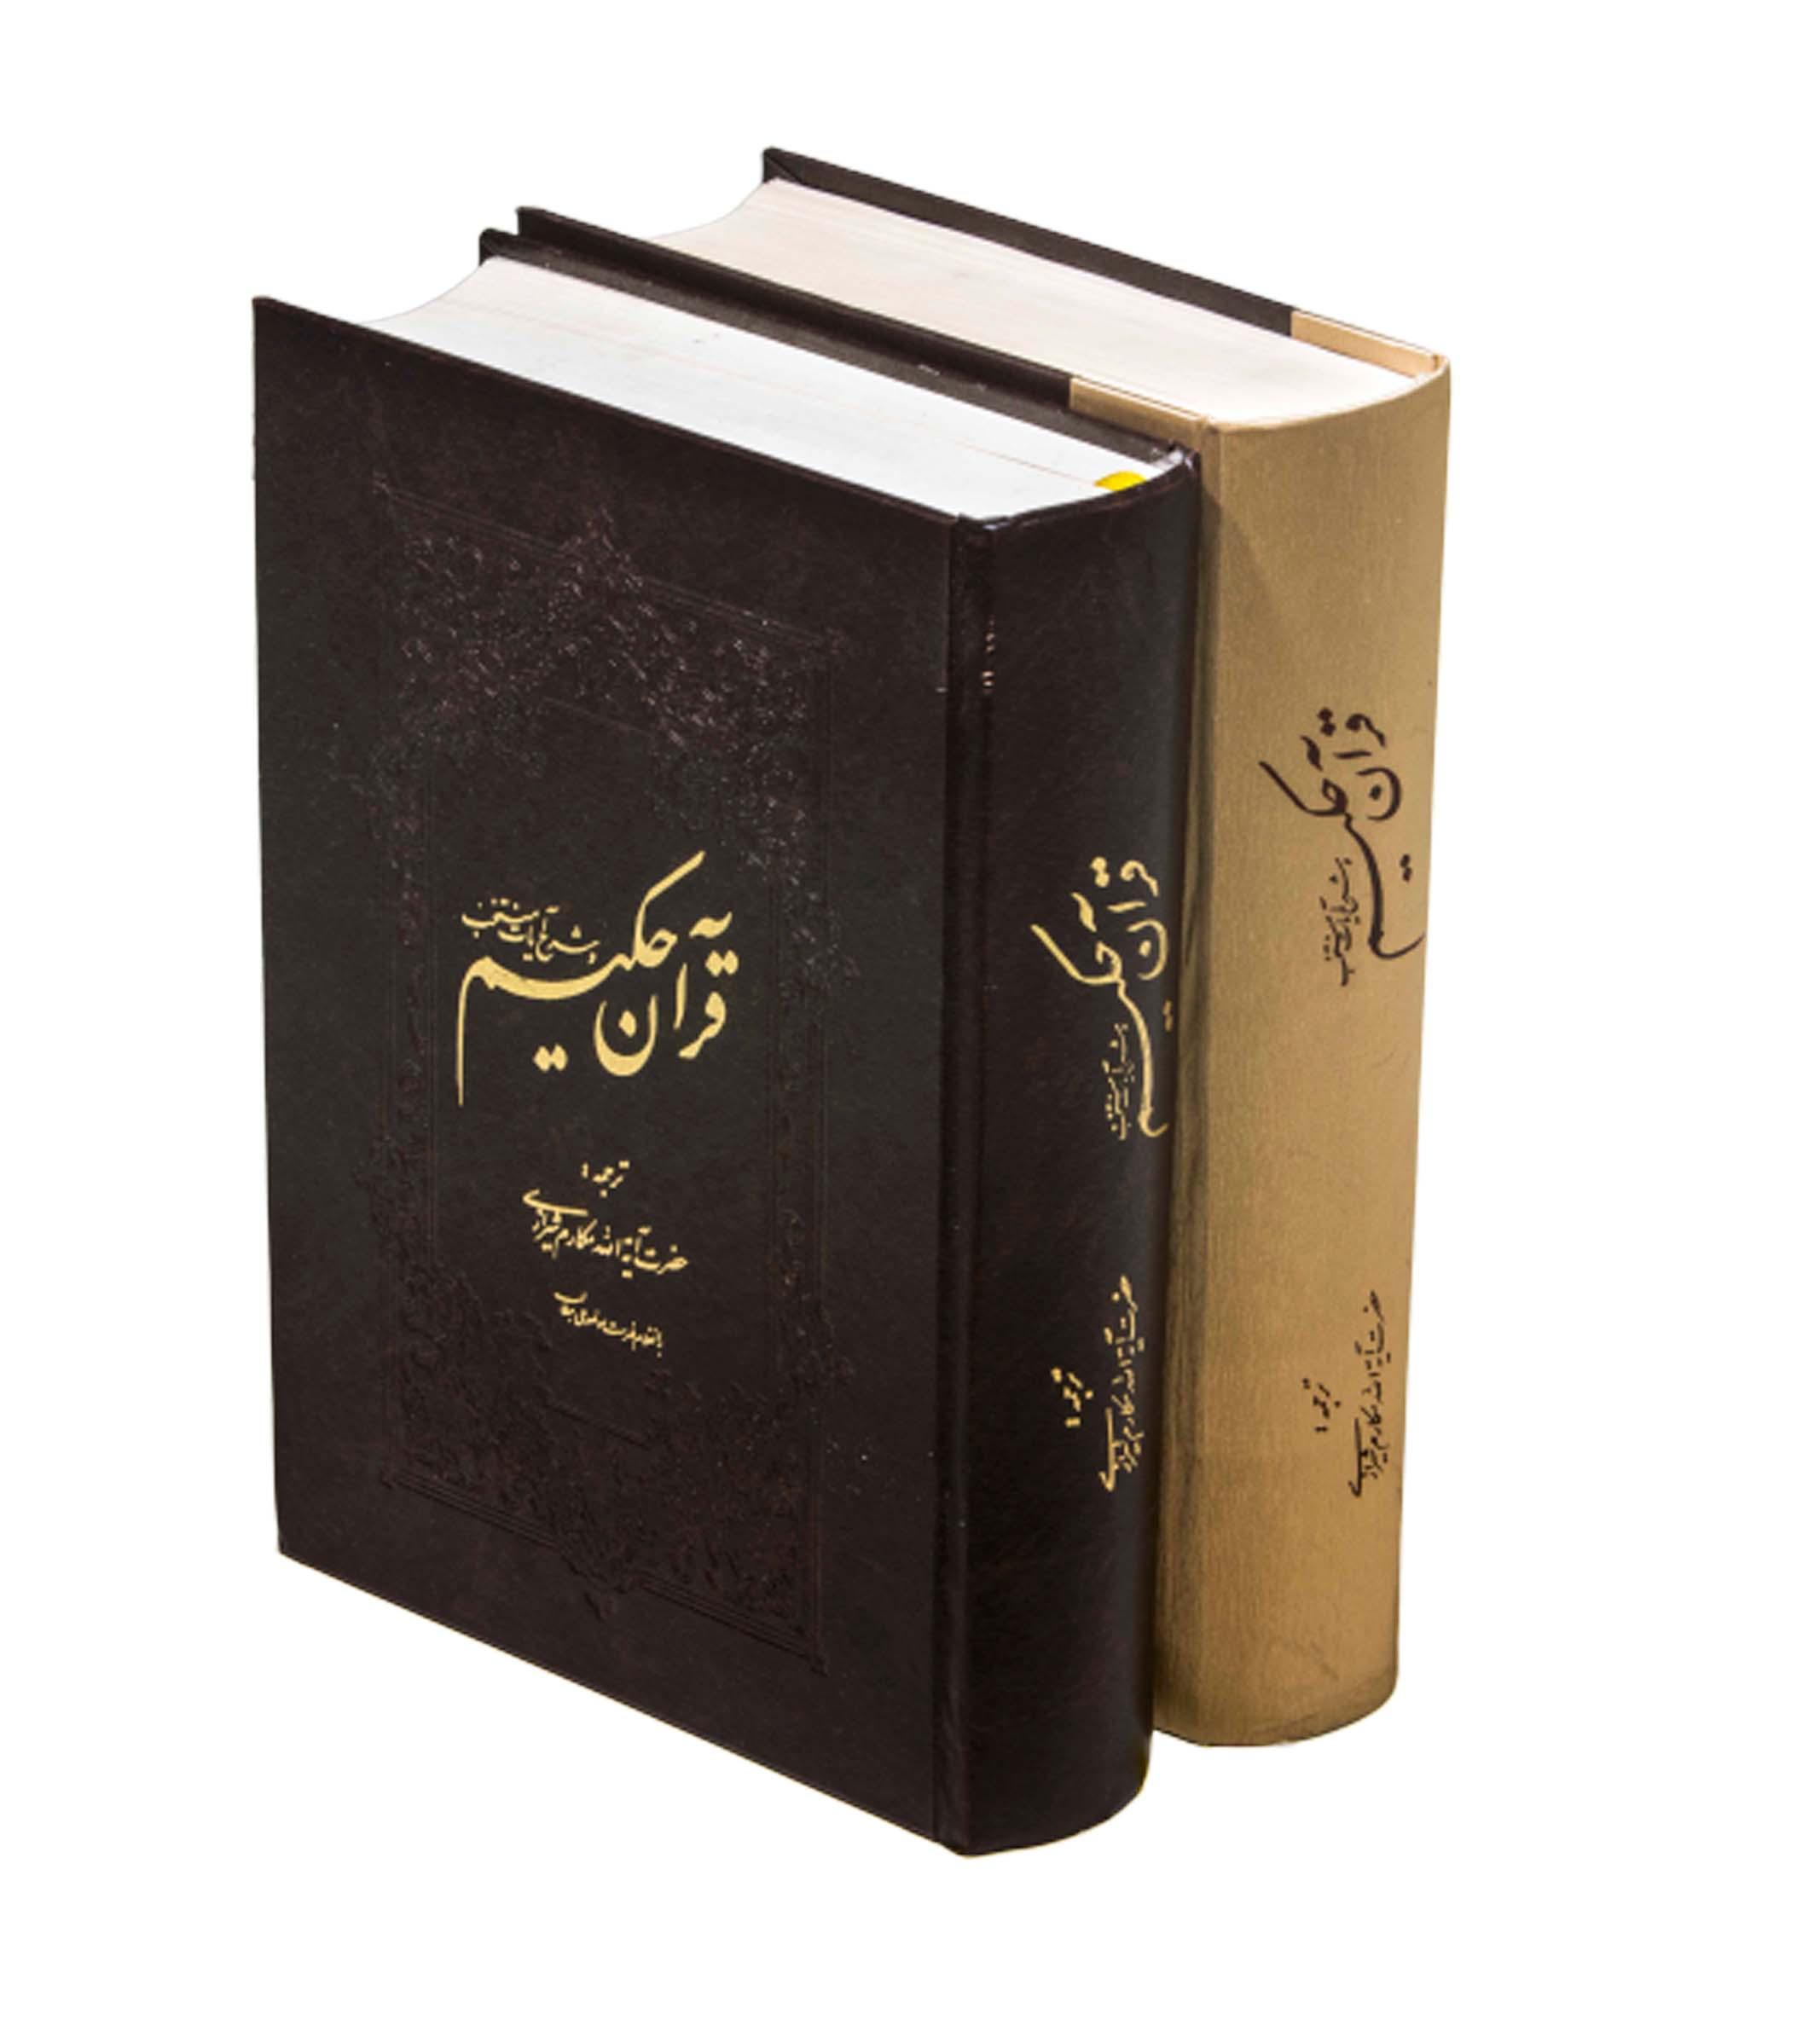 قرآن حکیم همراه با شرح ویژه ی عموم علاقمندان